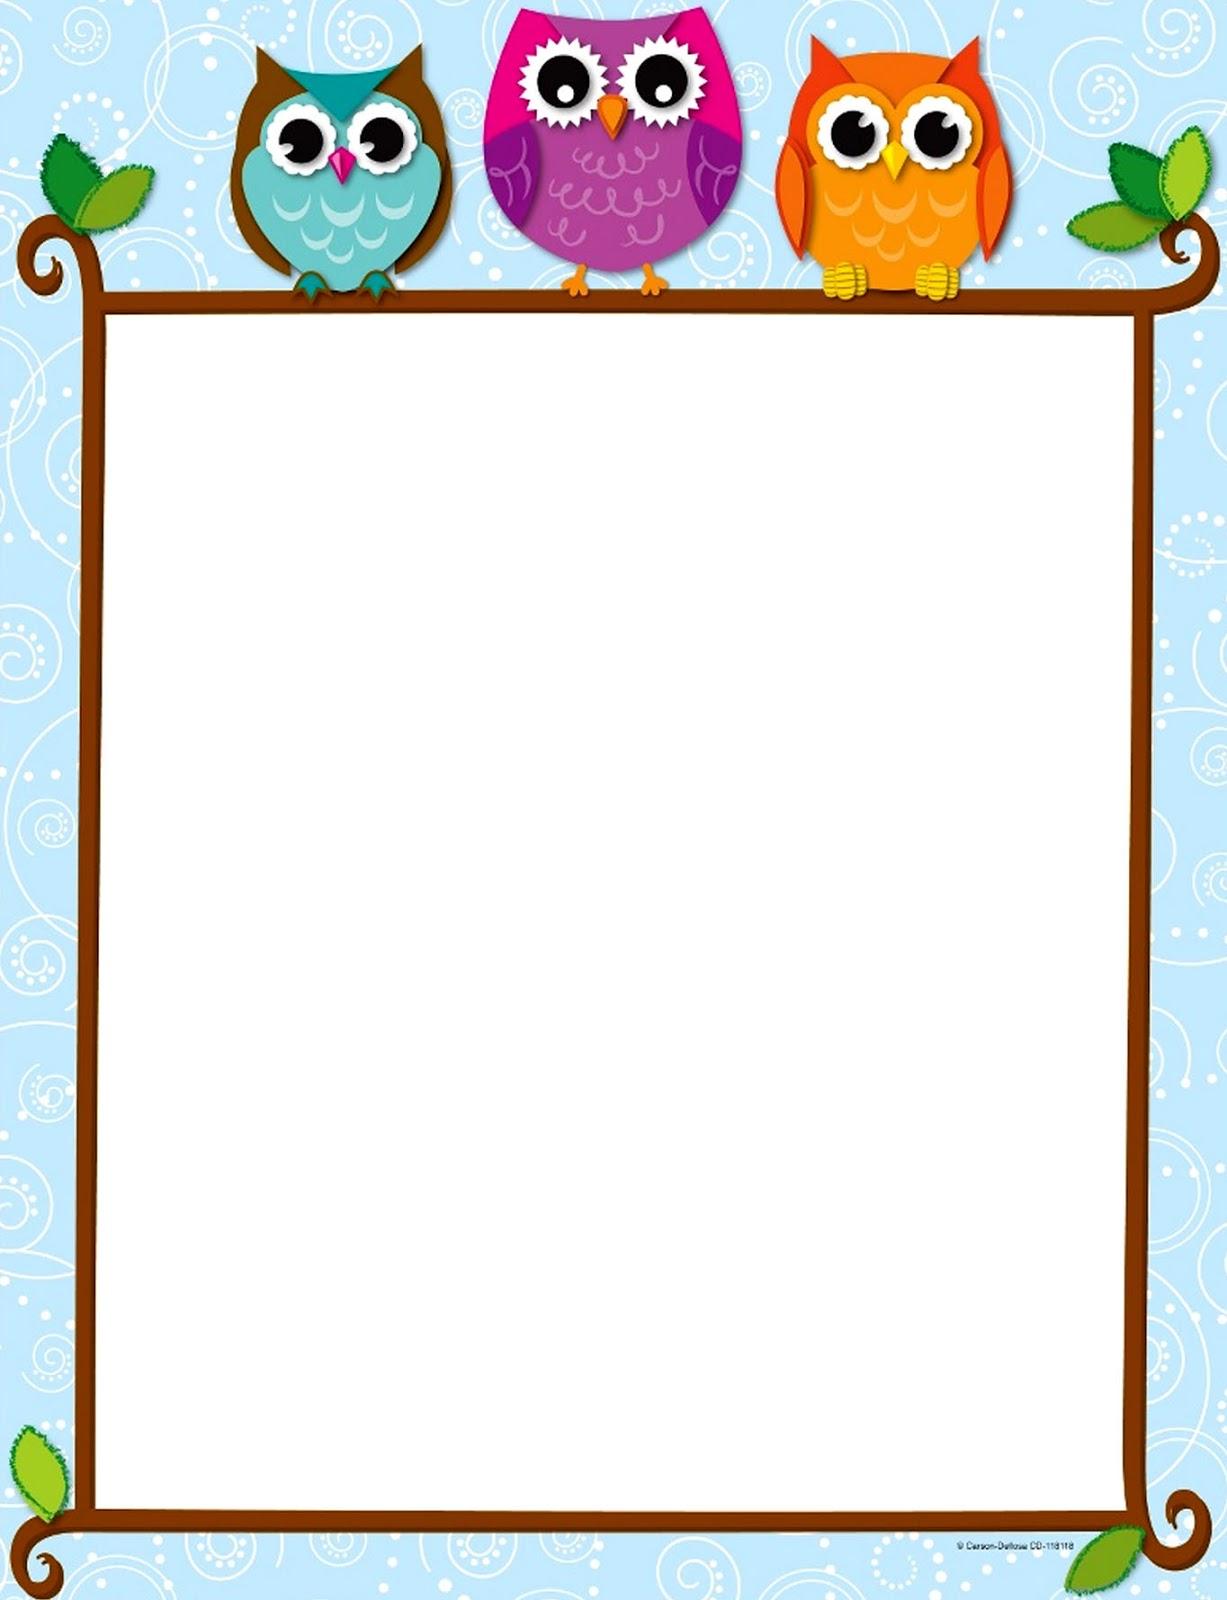 Bordes Decorativos Bordes Decorativos De Hojas De Buhos Para Imprimir